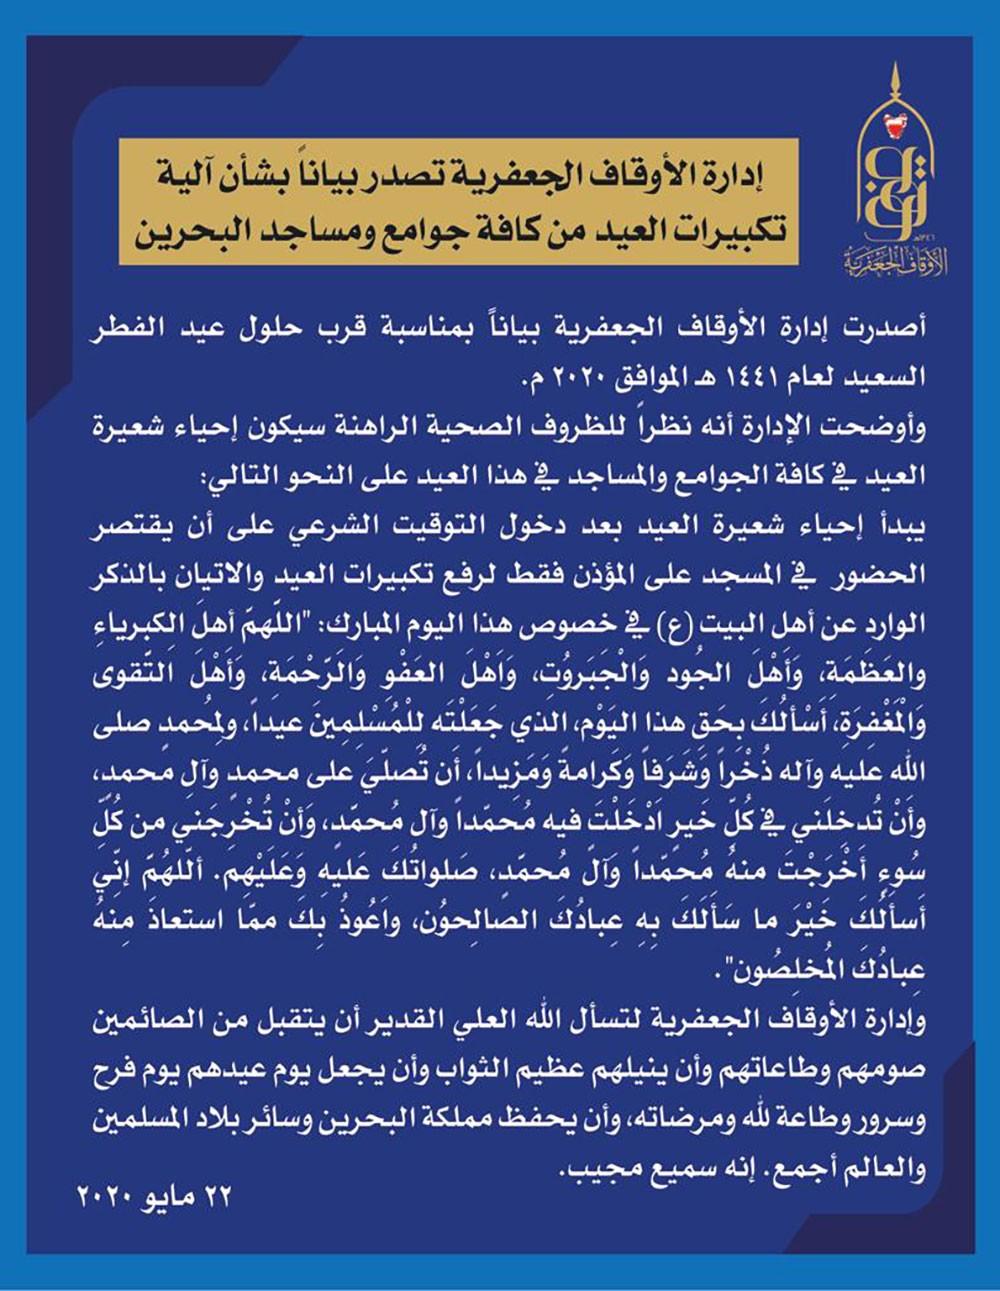 إدارة الأوقاف الجعفرية تصدر بياناً بشأن آلية تكبيرات العيد من كافة جوامع ومساجد البحرين